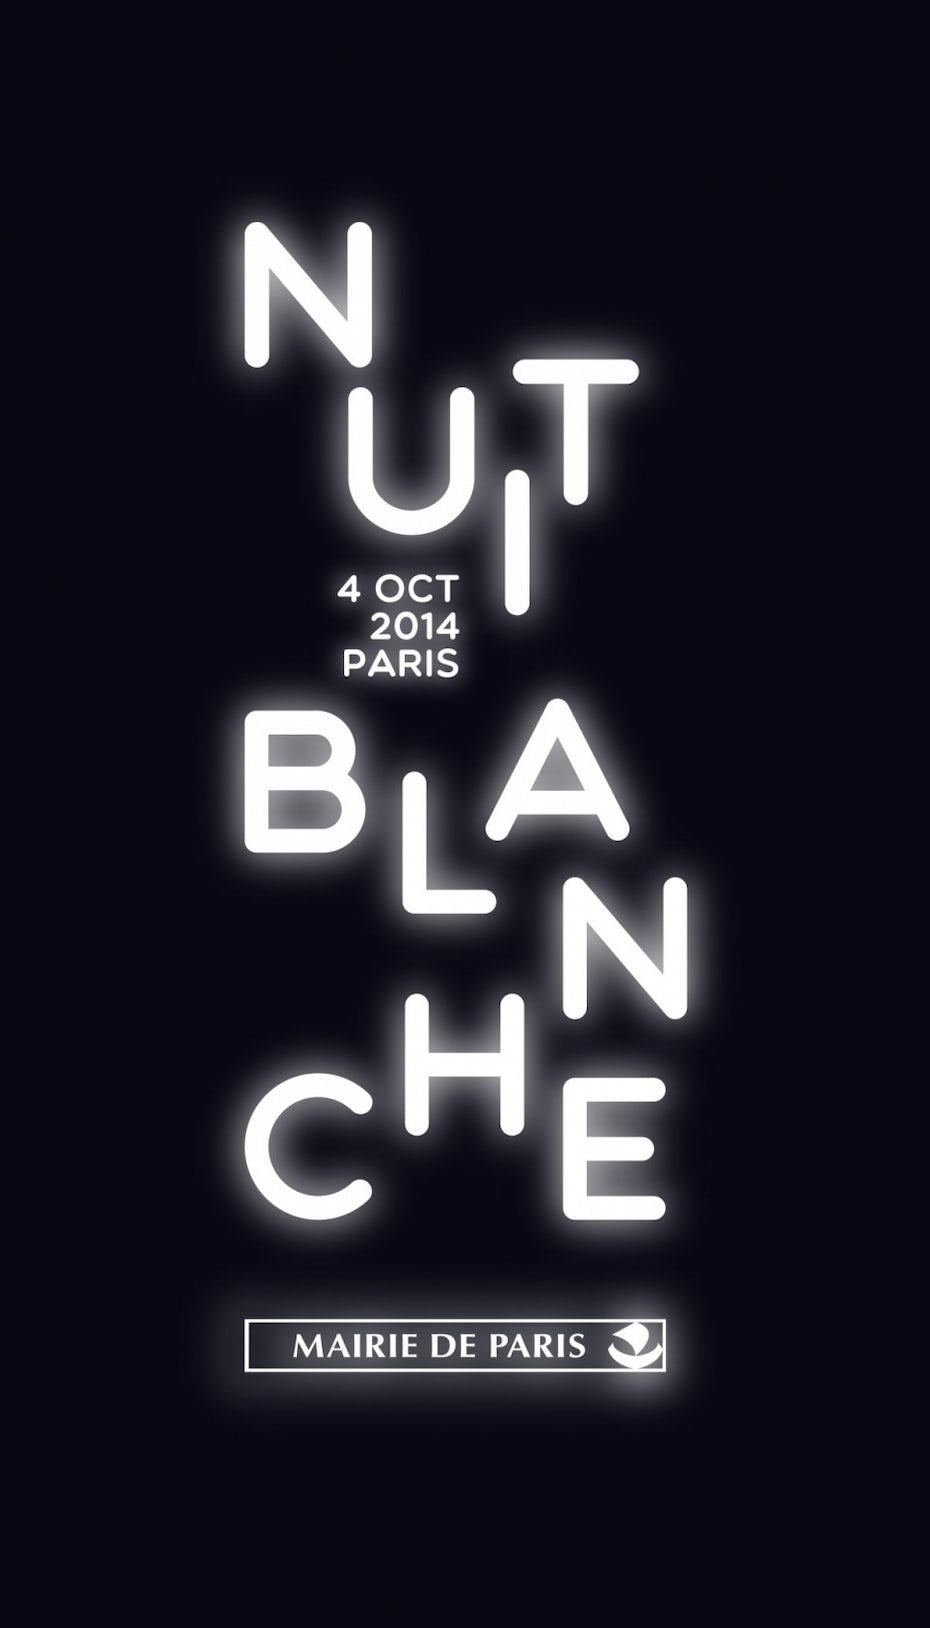 Poster de la nuit Blanche 2014